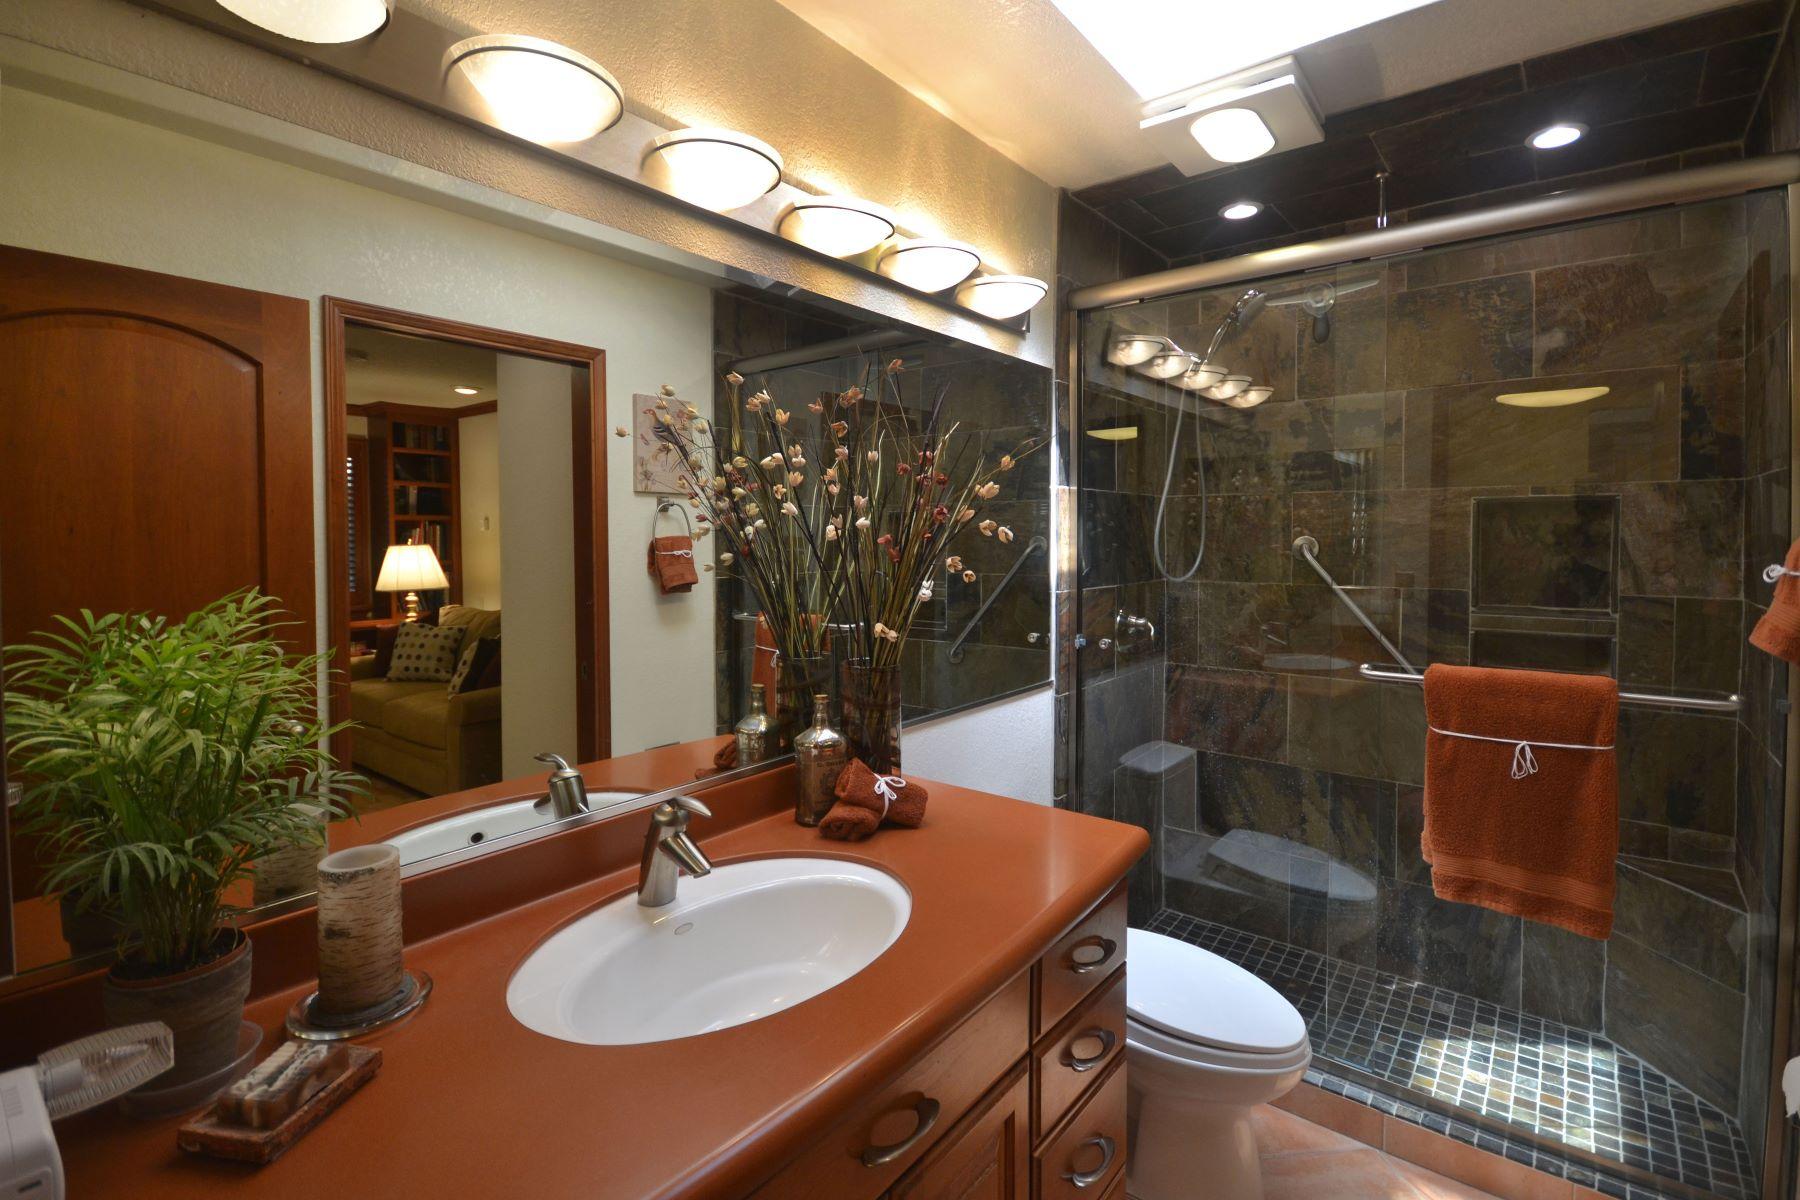 타운하우스 용 매매 에 Stoneridge townhome 7482 Stonedale Drive Pleasanton, 캘리포니아, 94566 미국